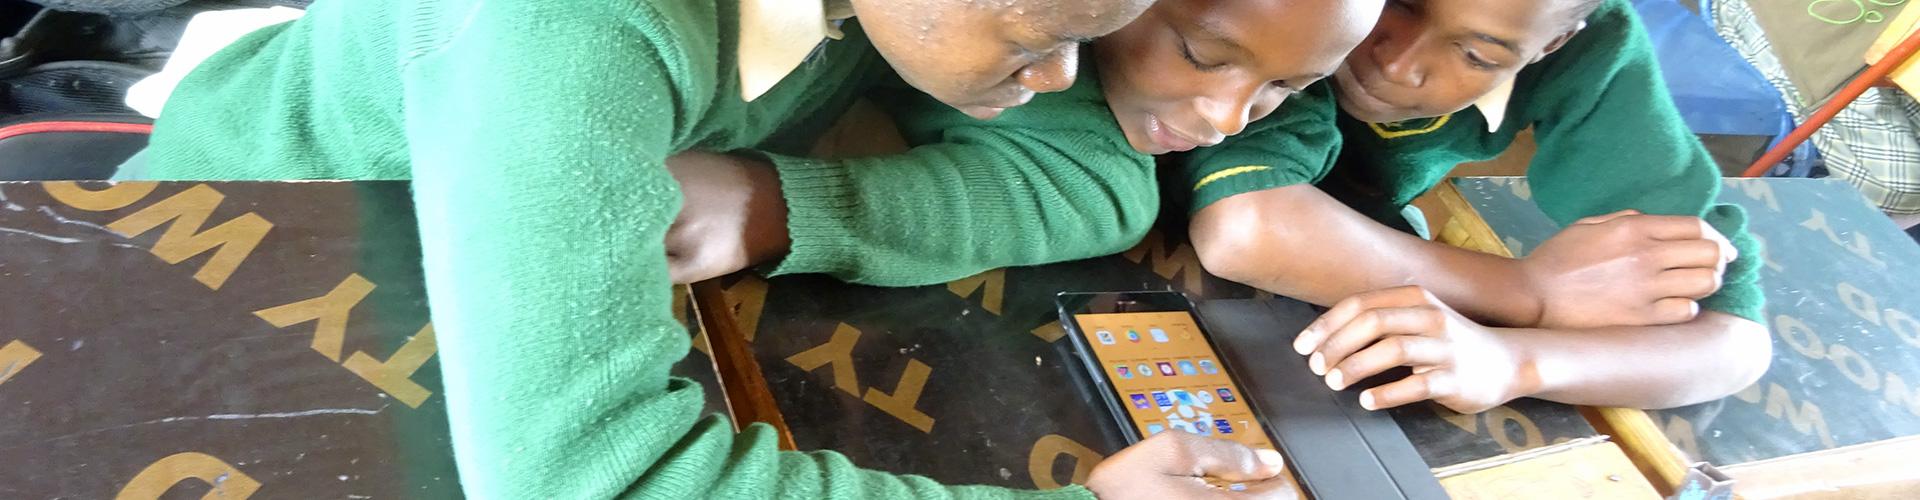 CLASSworks Kenya